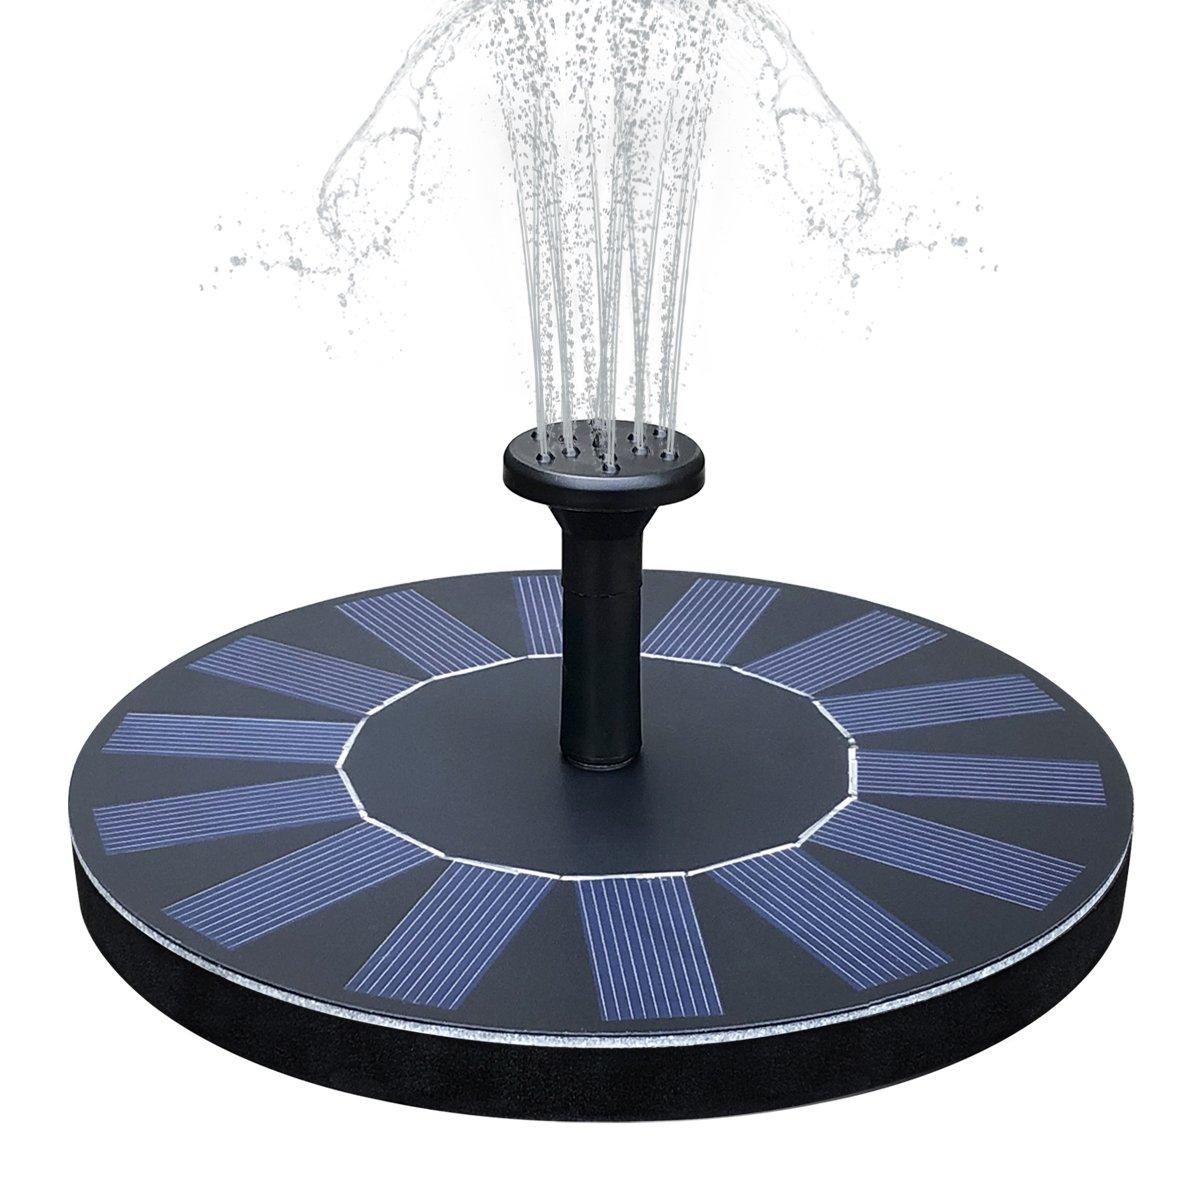 Solar Powered Bird Bath Fountain 08: Feelle